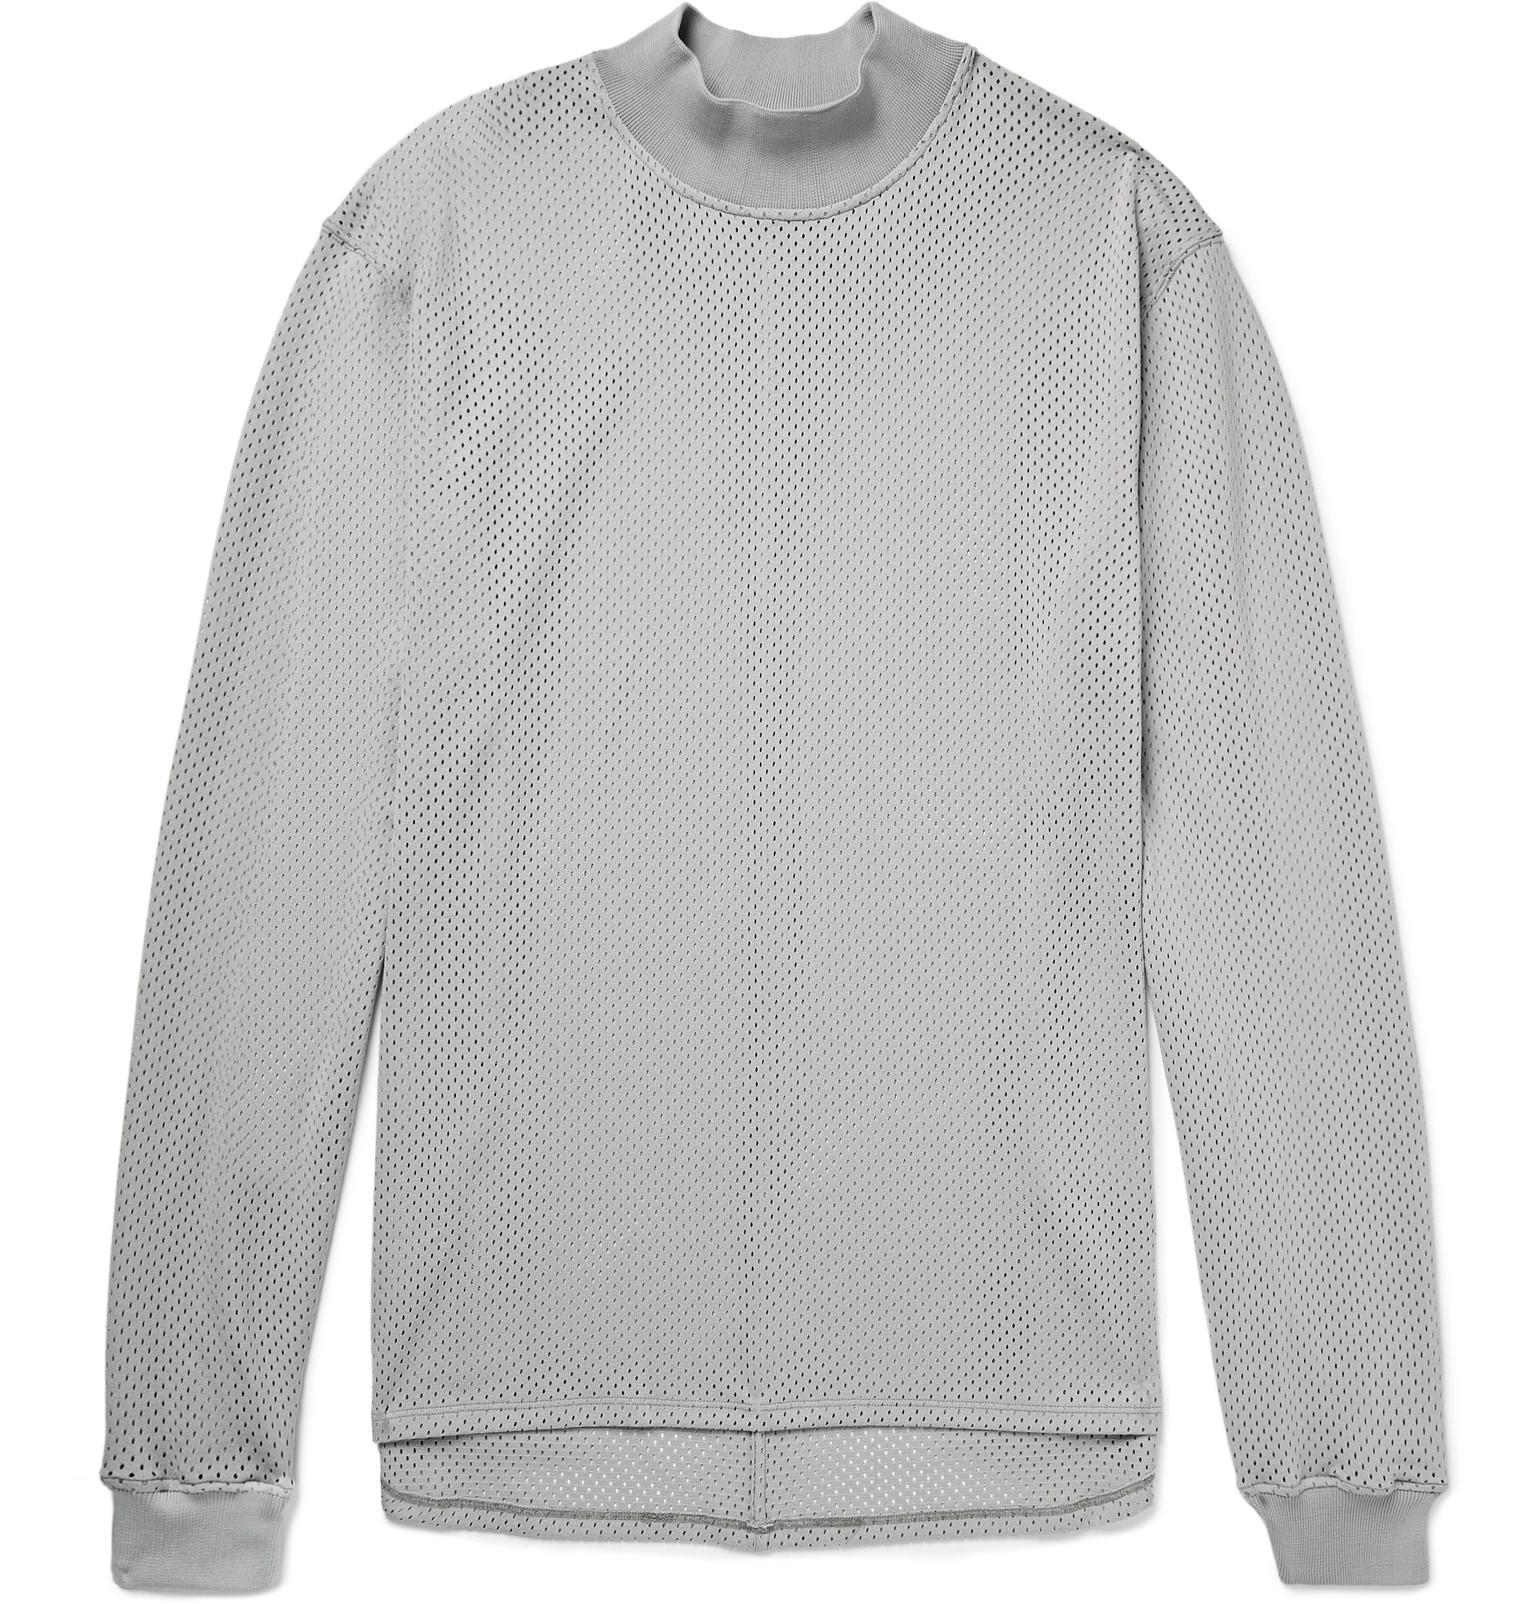 Lyst Fear Of God Oversized Mesh T Shirt In Gray For Men